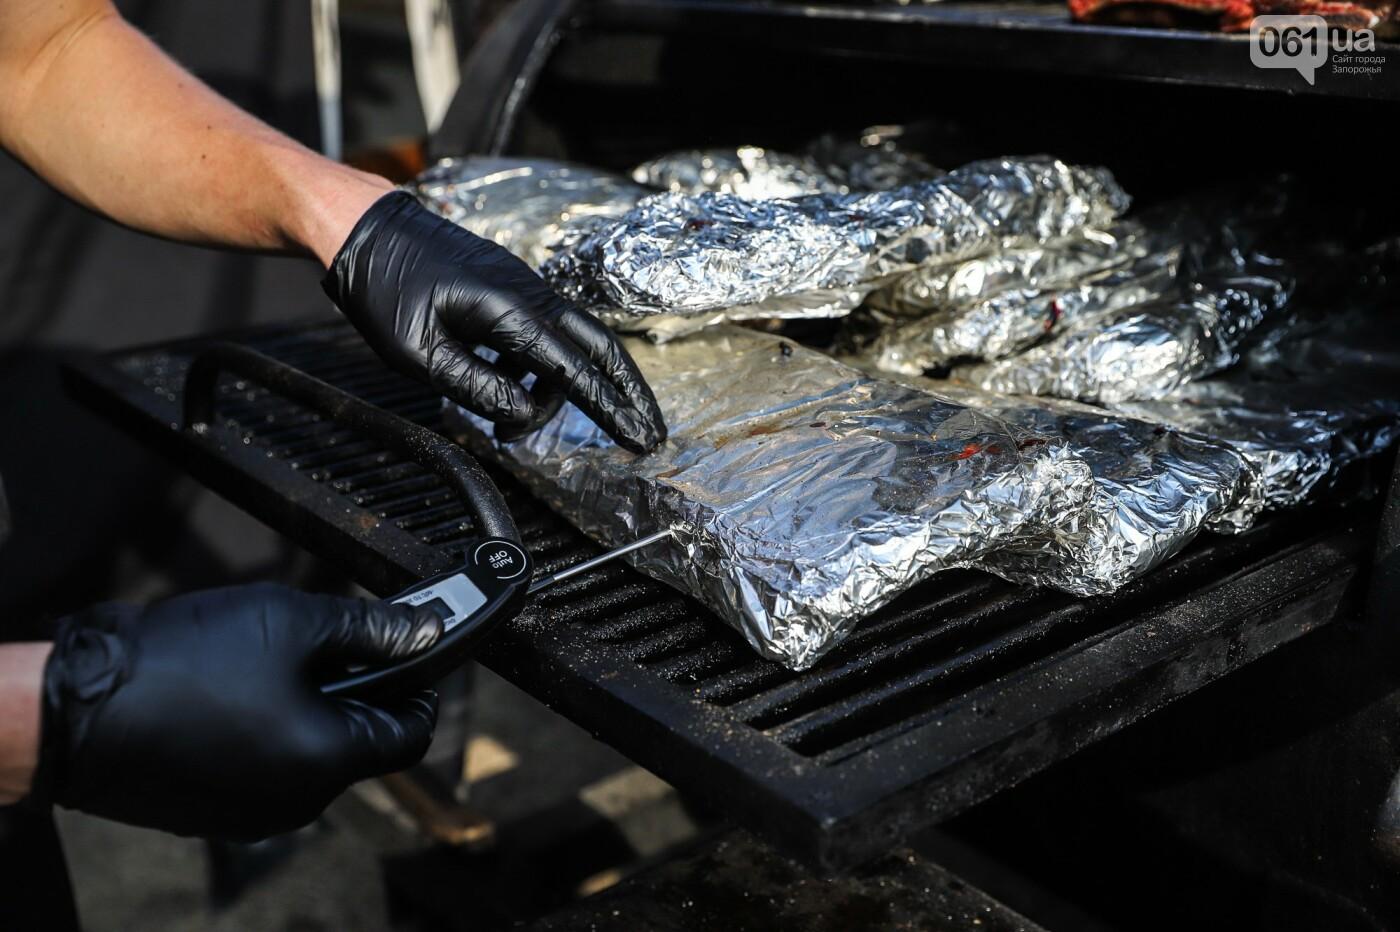 Бограч в хлебных горшочках и мясо из уникальной печи: что нового на фестивале уличной еды в Запорожье, - ФОТОРЕПОРТАЖ, фото-20